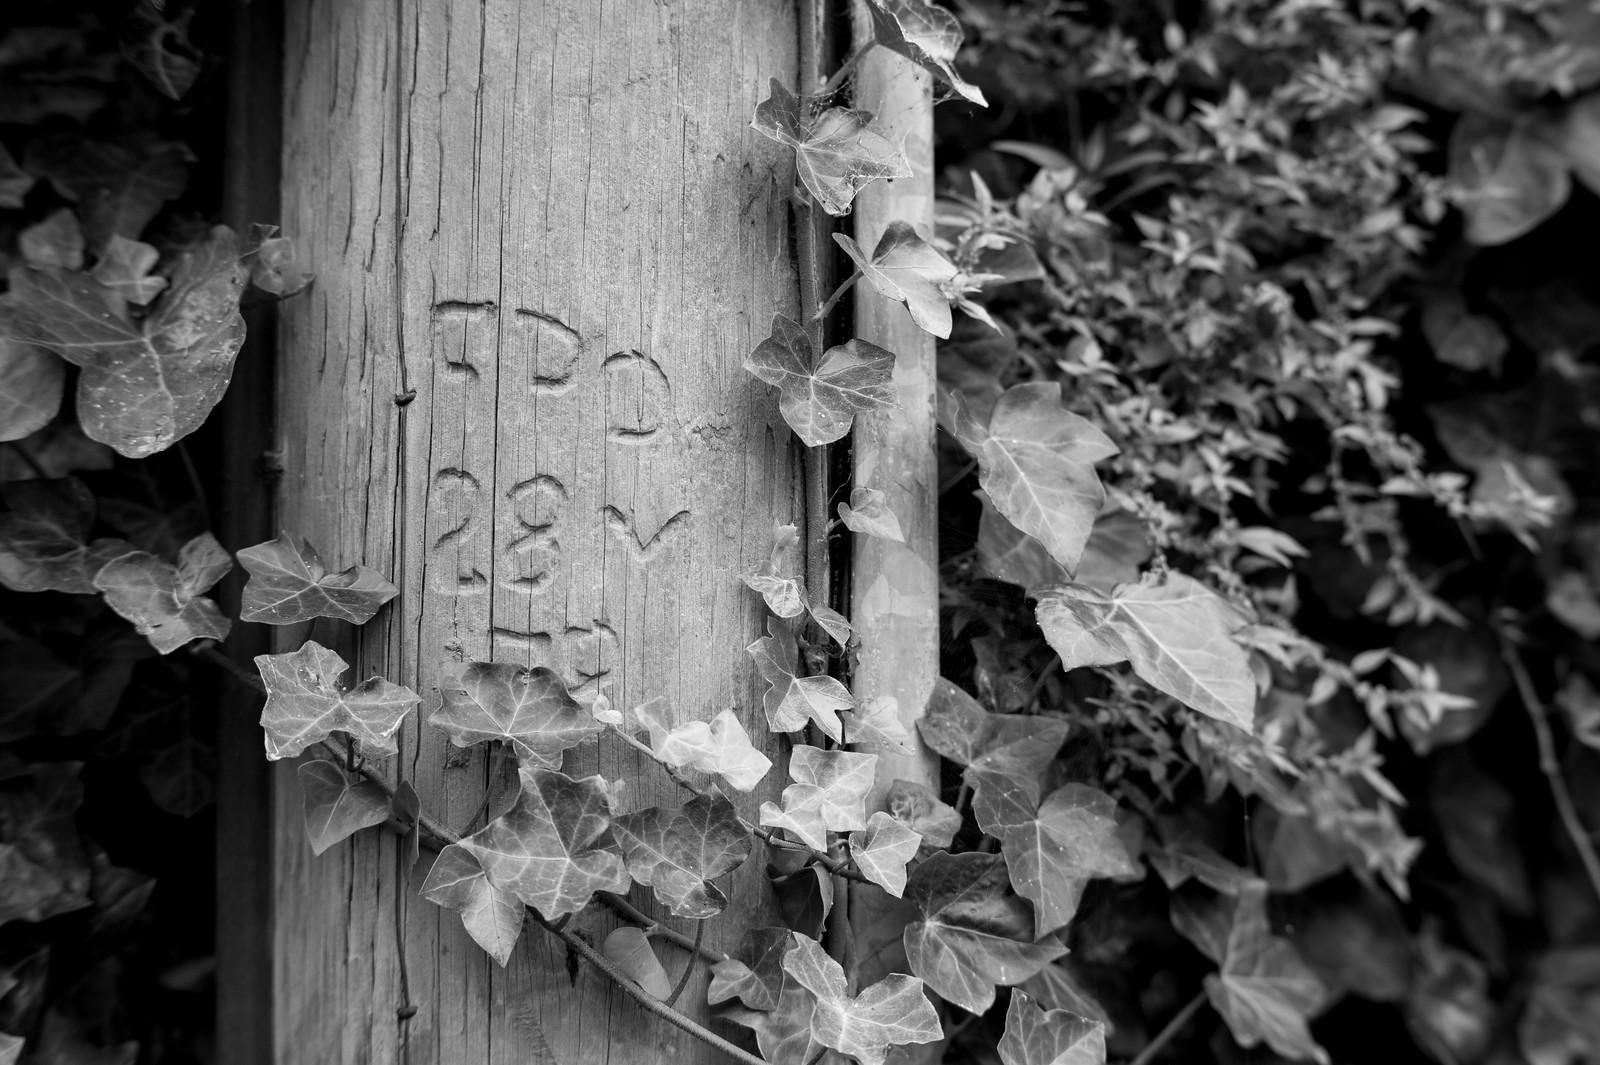 Leica MM & 7Artisans 50mm 1.1